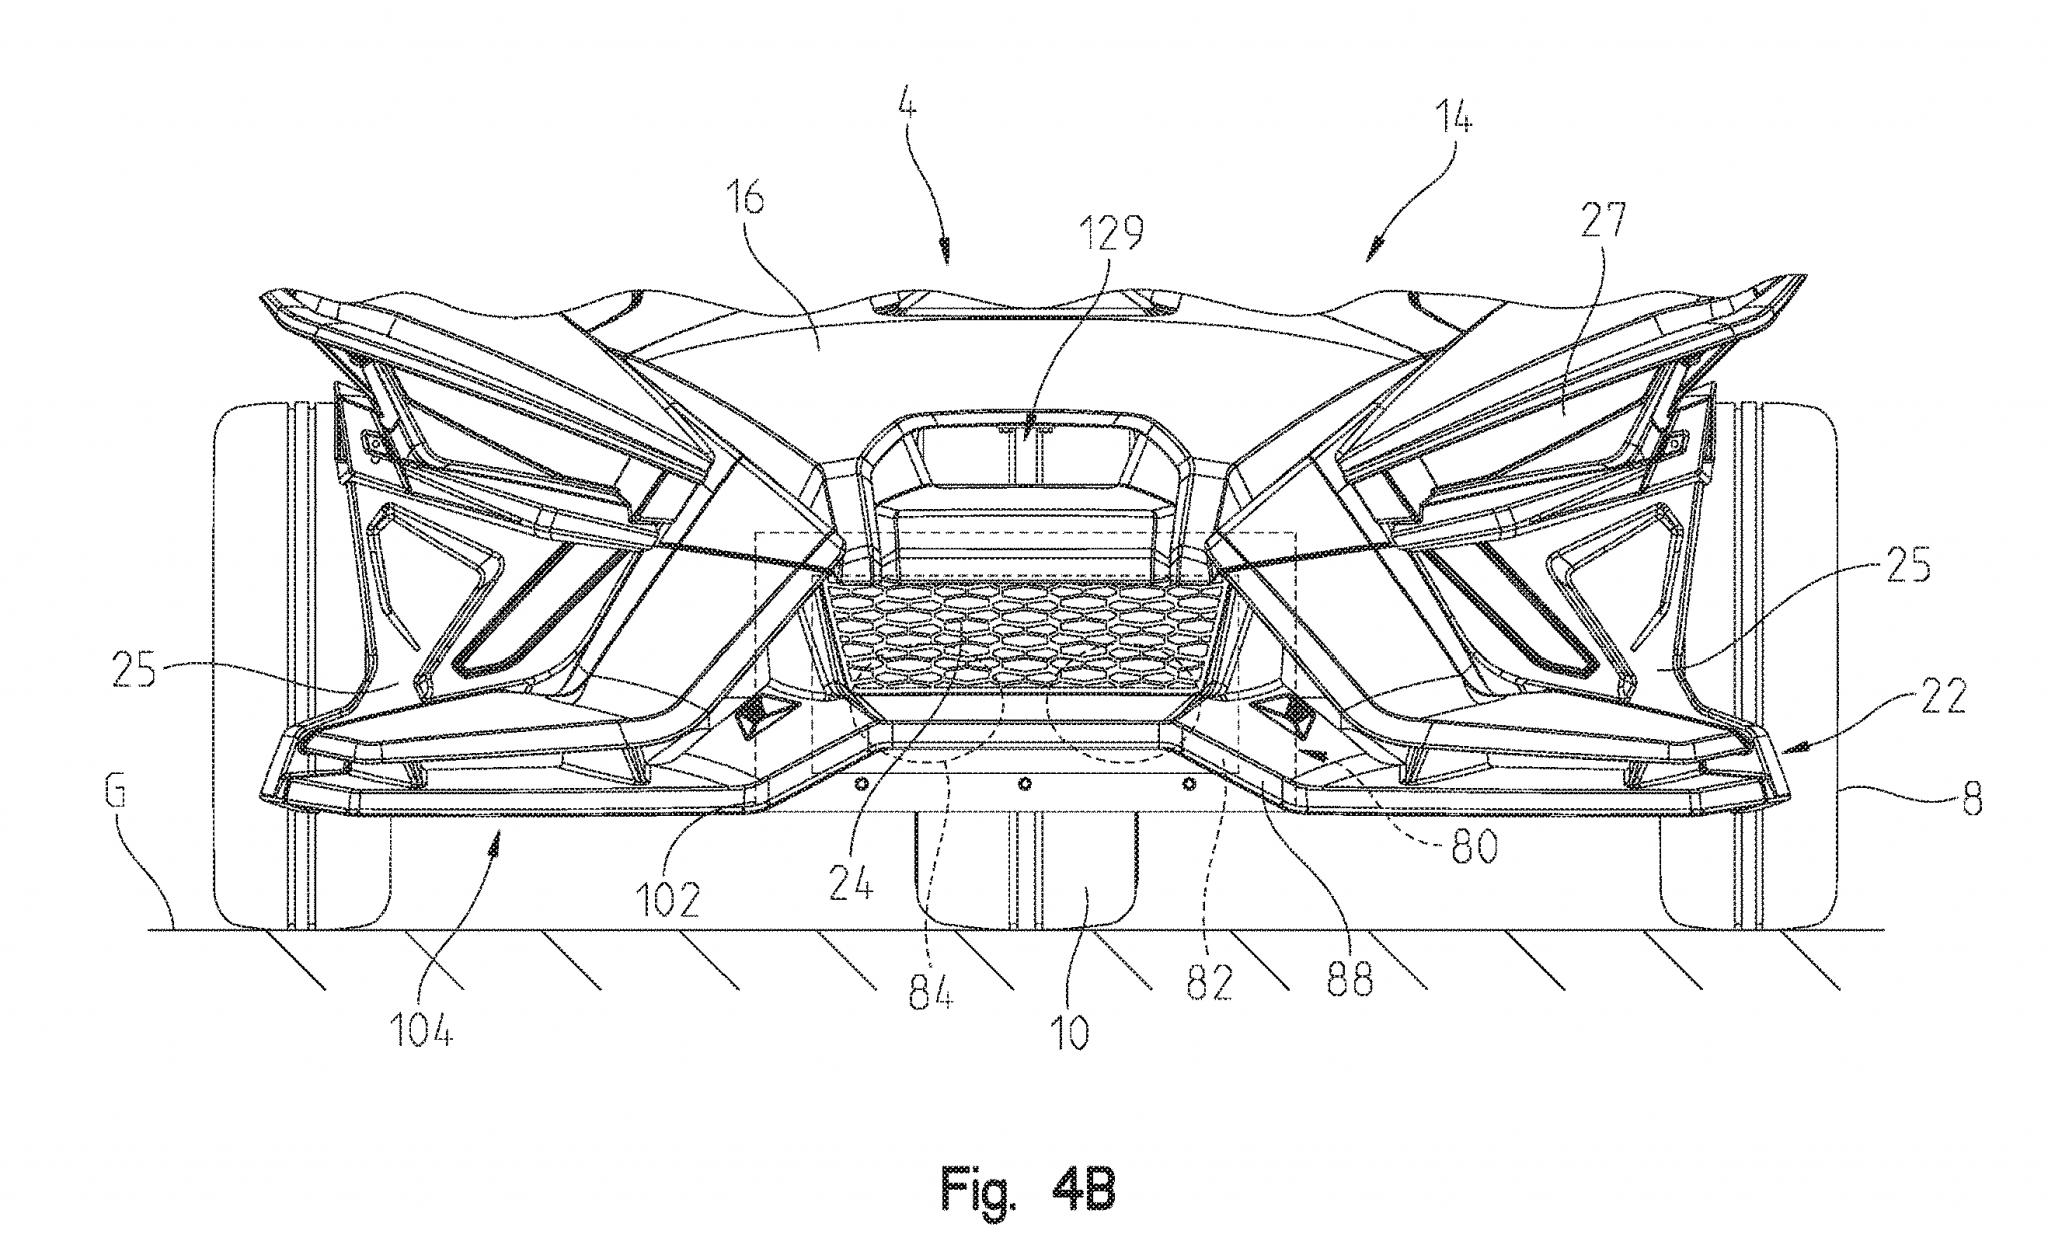 Polaris slingshot patent drawing